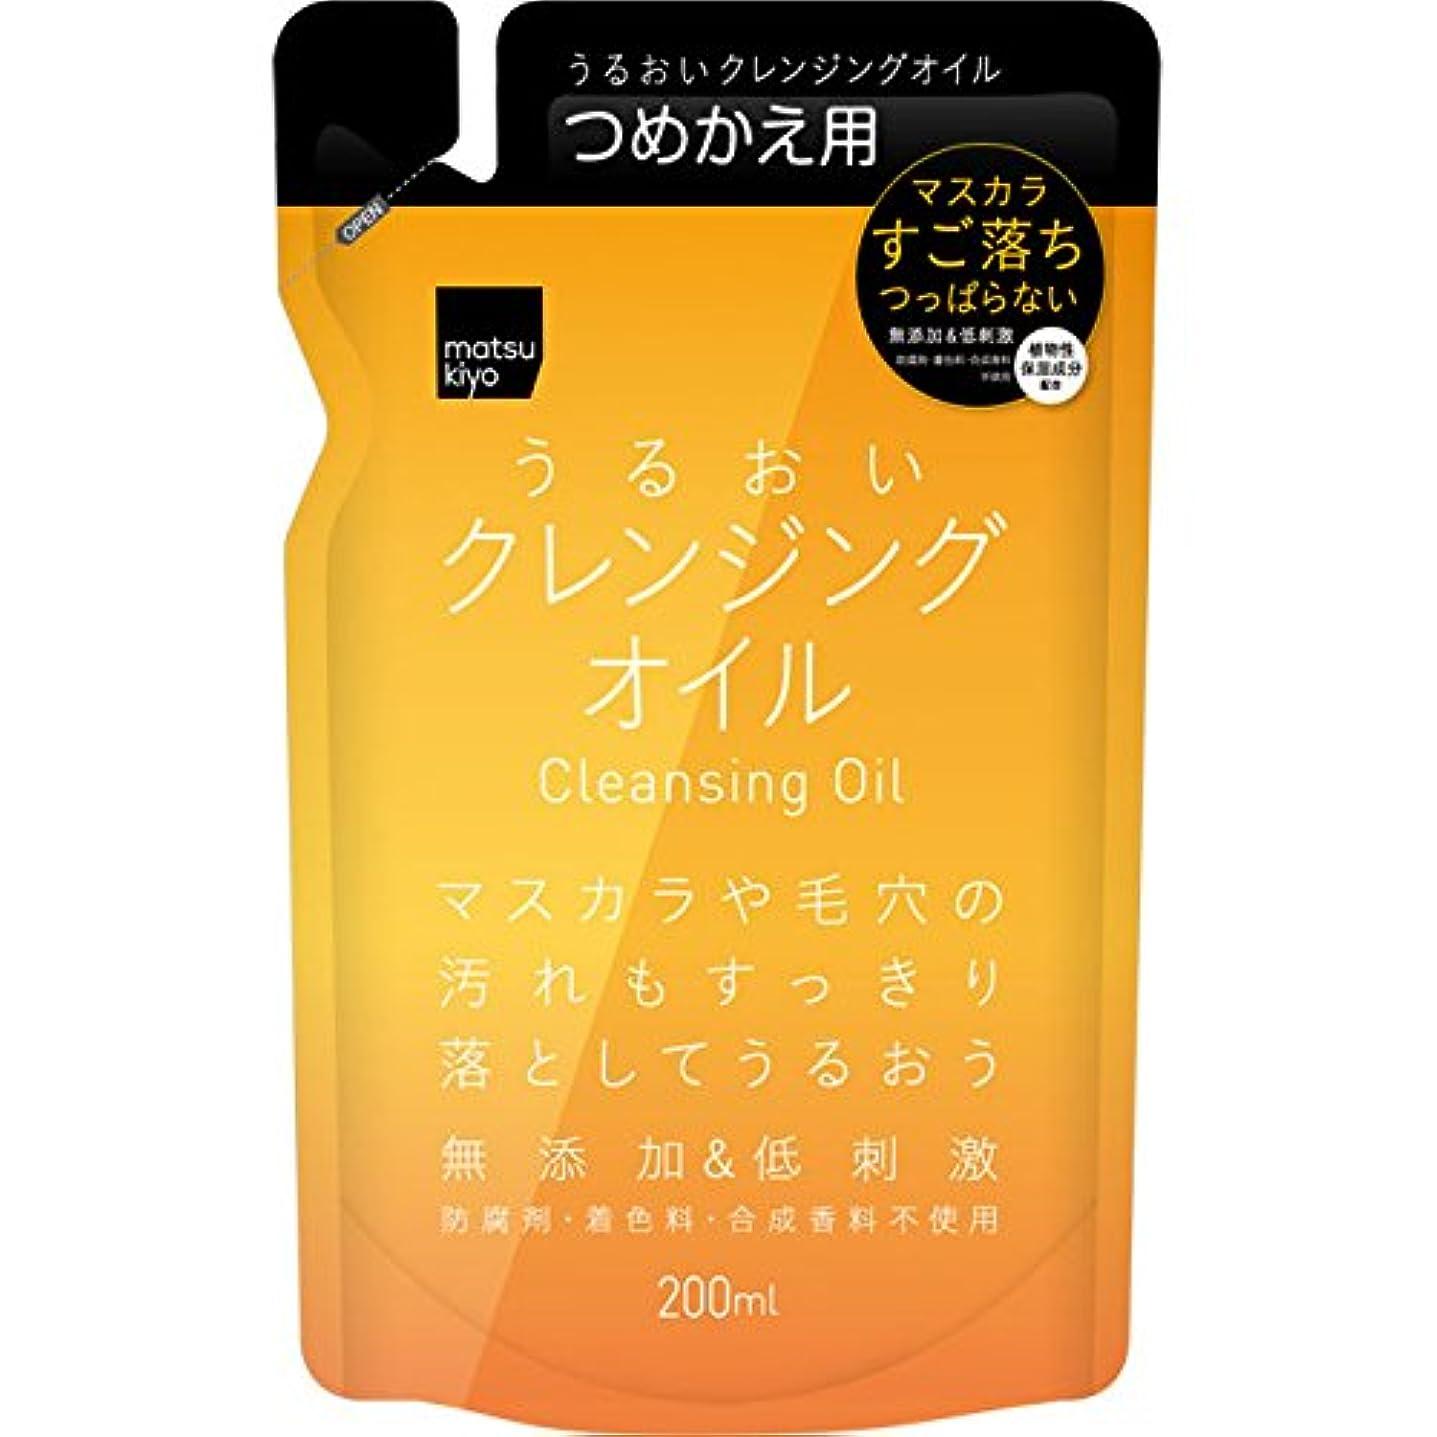 乱気流小麦ライドmatsukiyo うるおいクレンジングオイル 詰替 200ml詰替